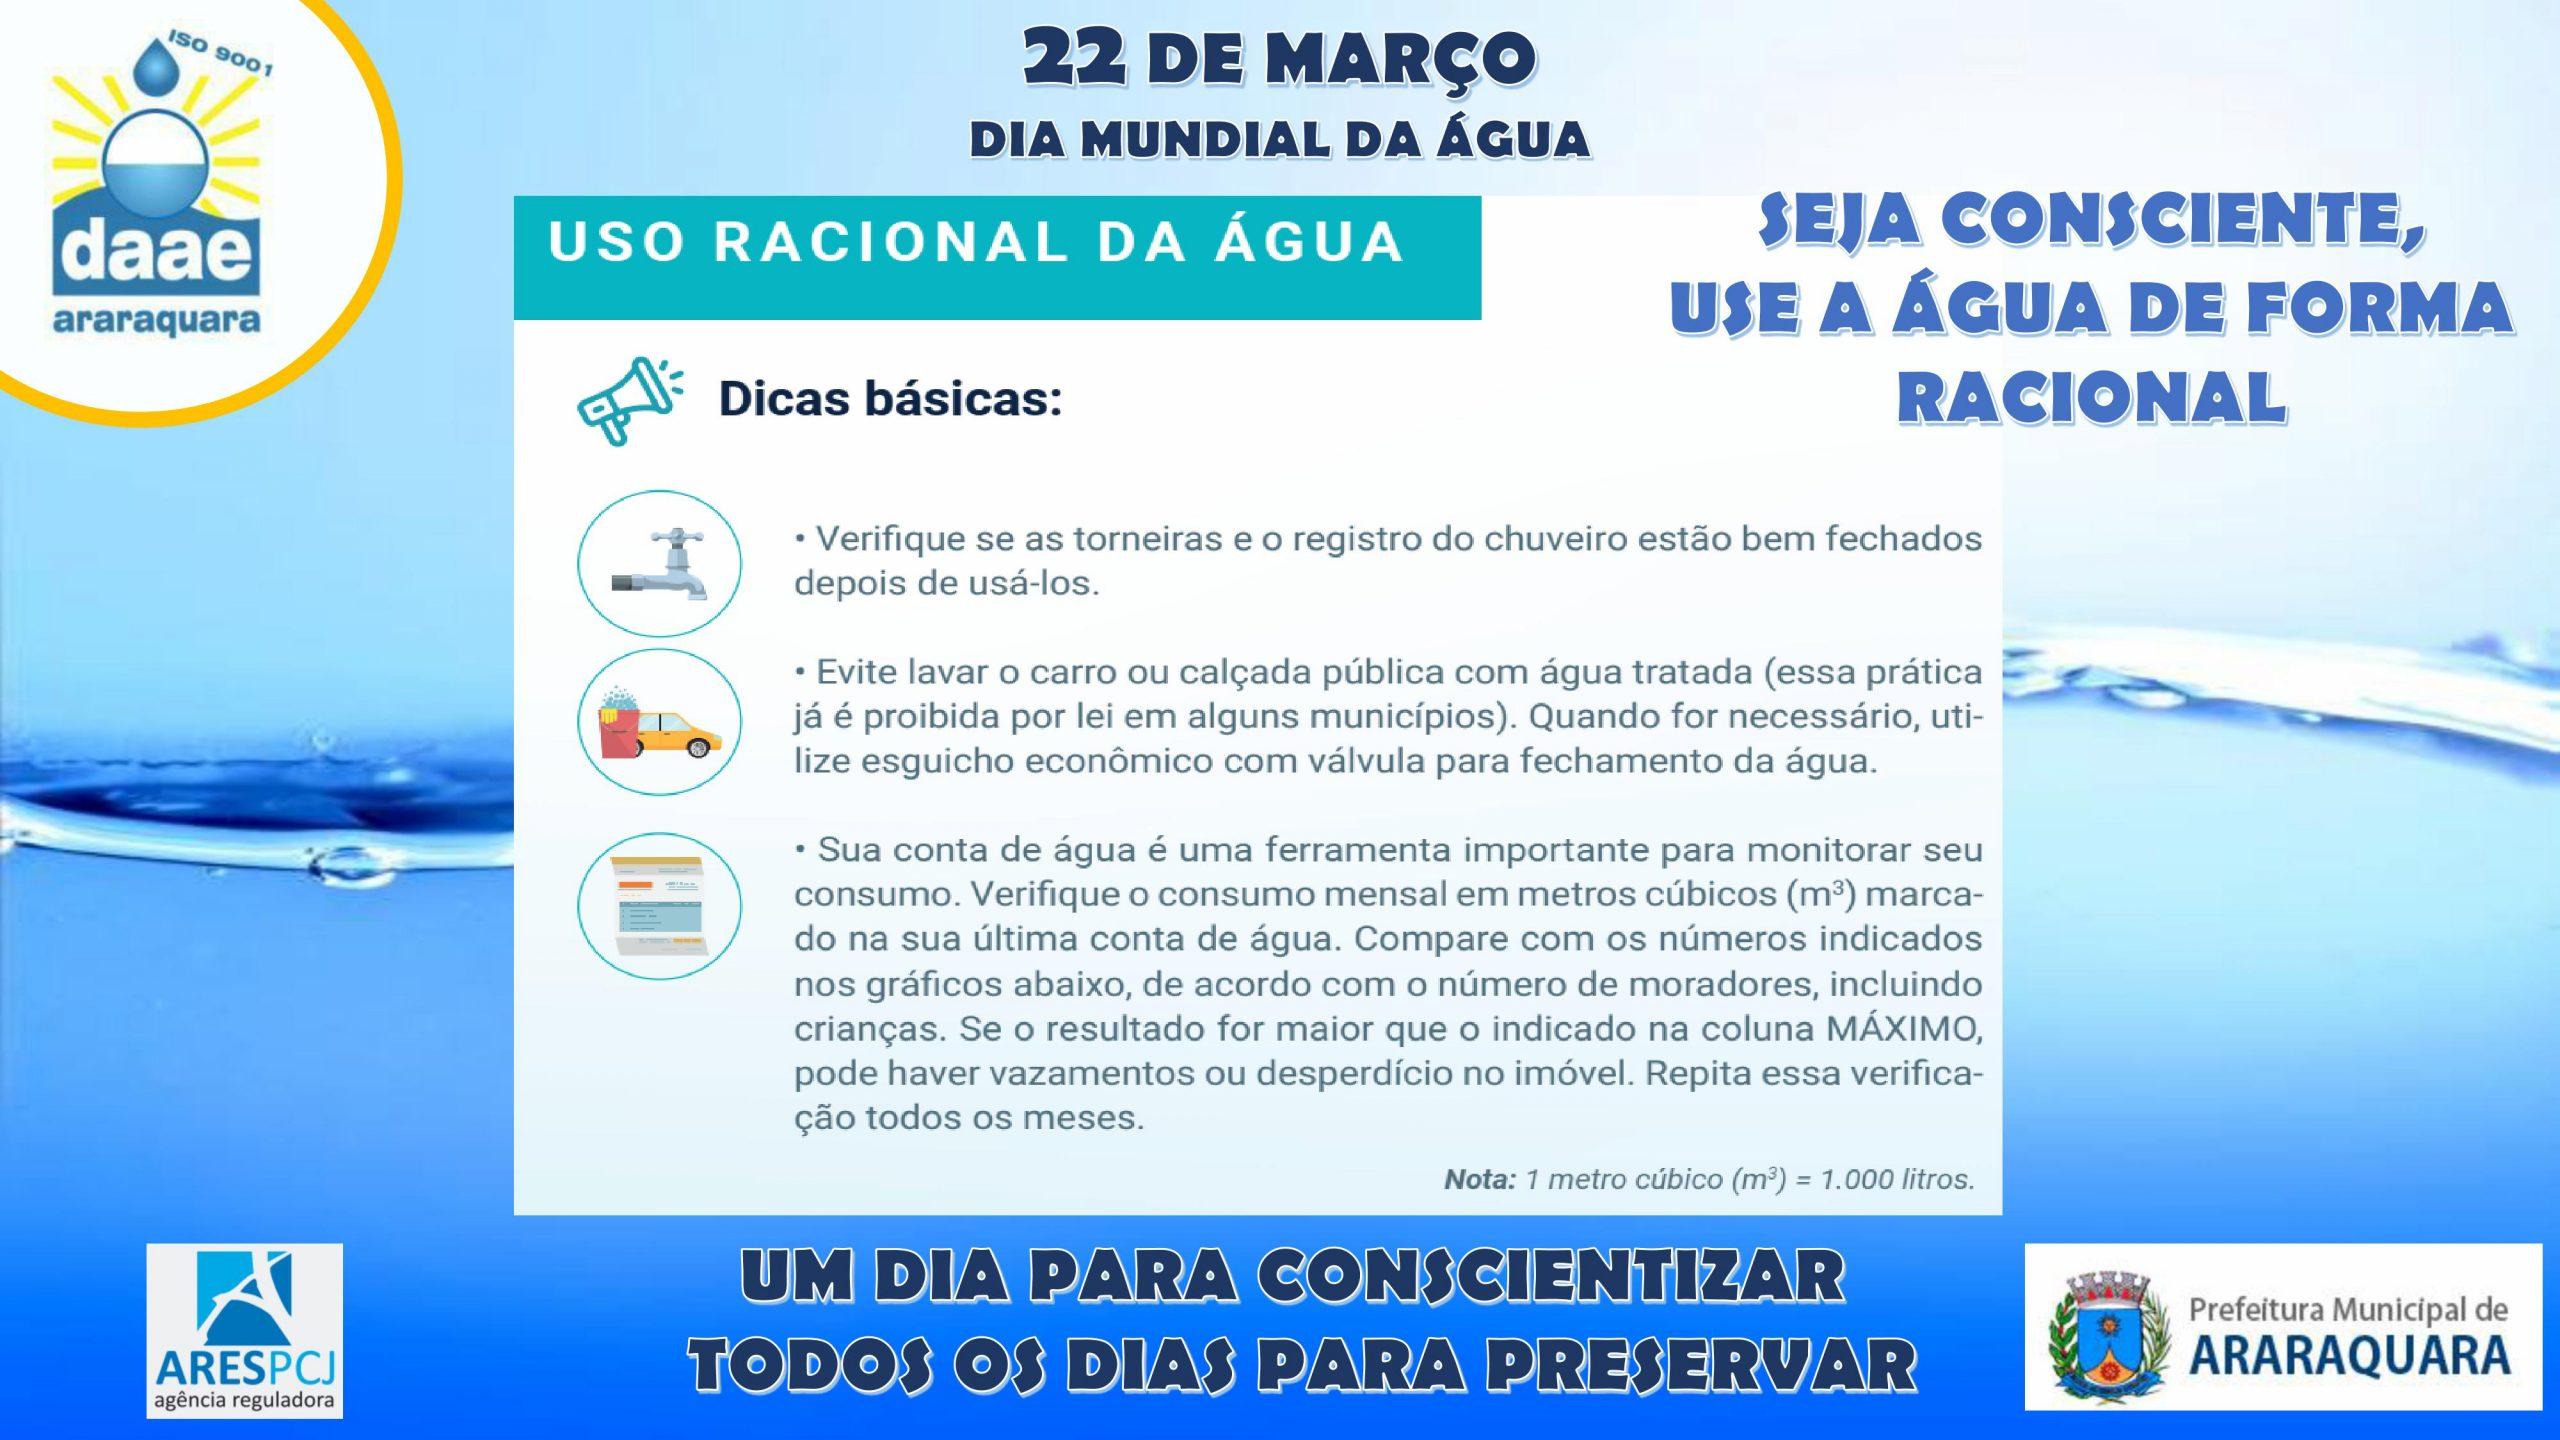 Dia Mundial da Água: Um dia para conscientizar, todos os dias para preservar